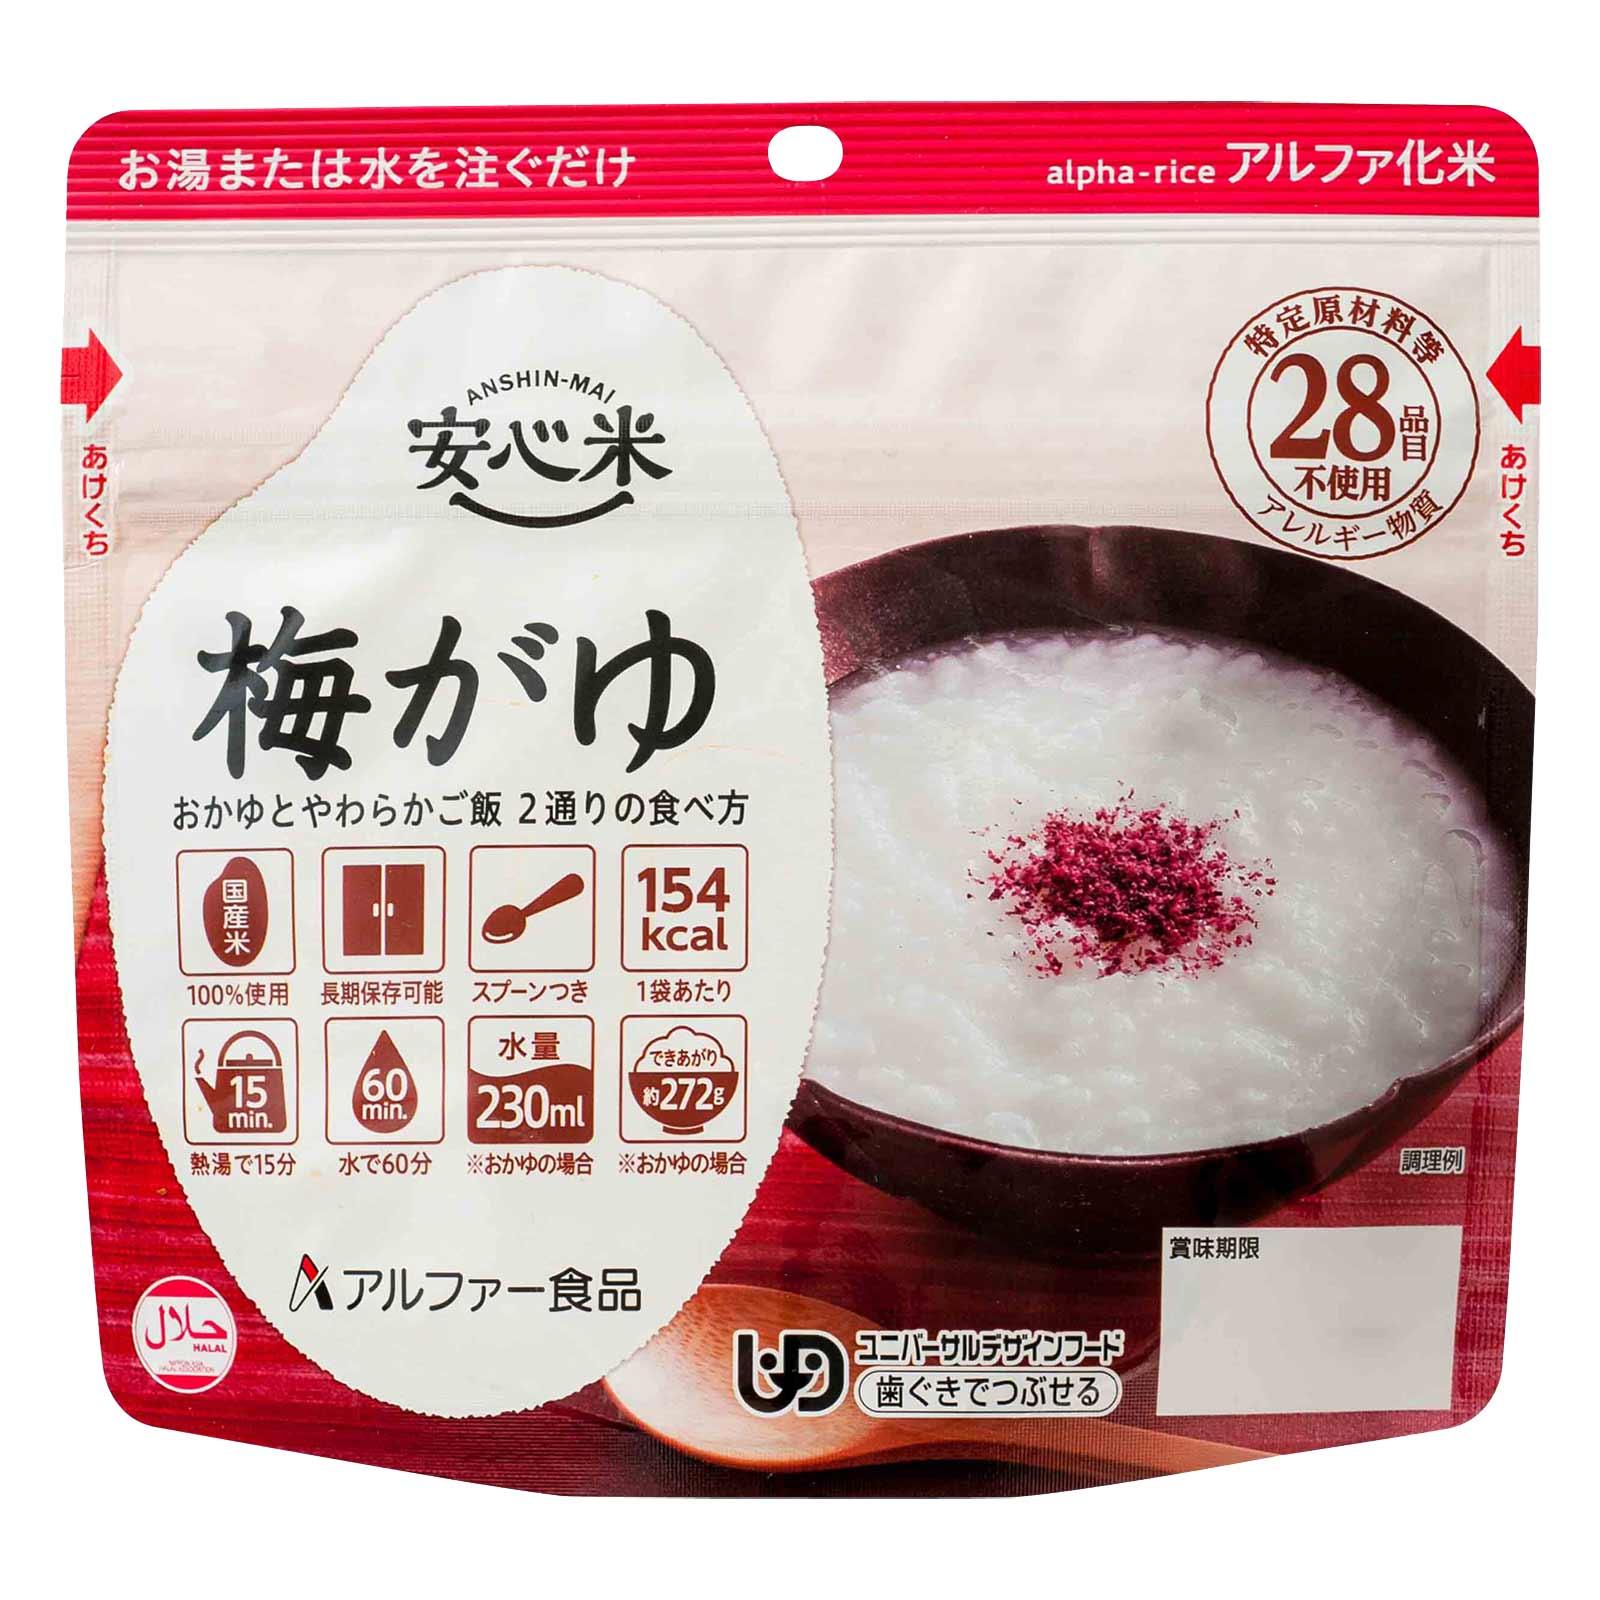 安心米(アルファ化米)個食 梅がゆ画像